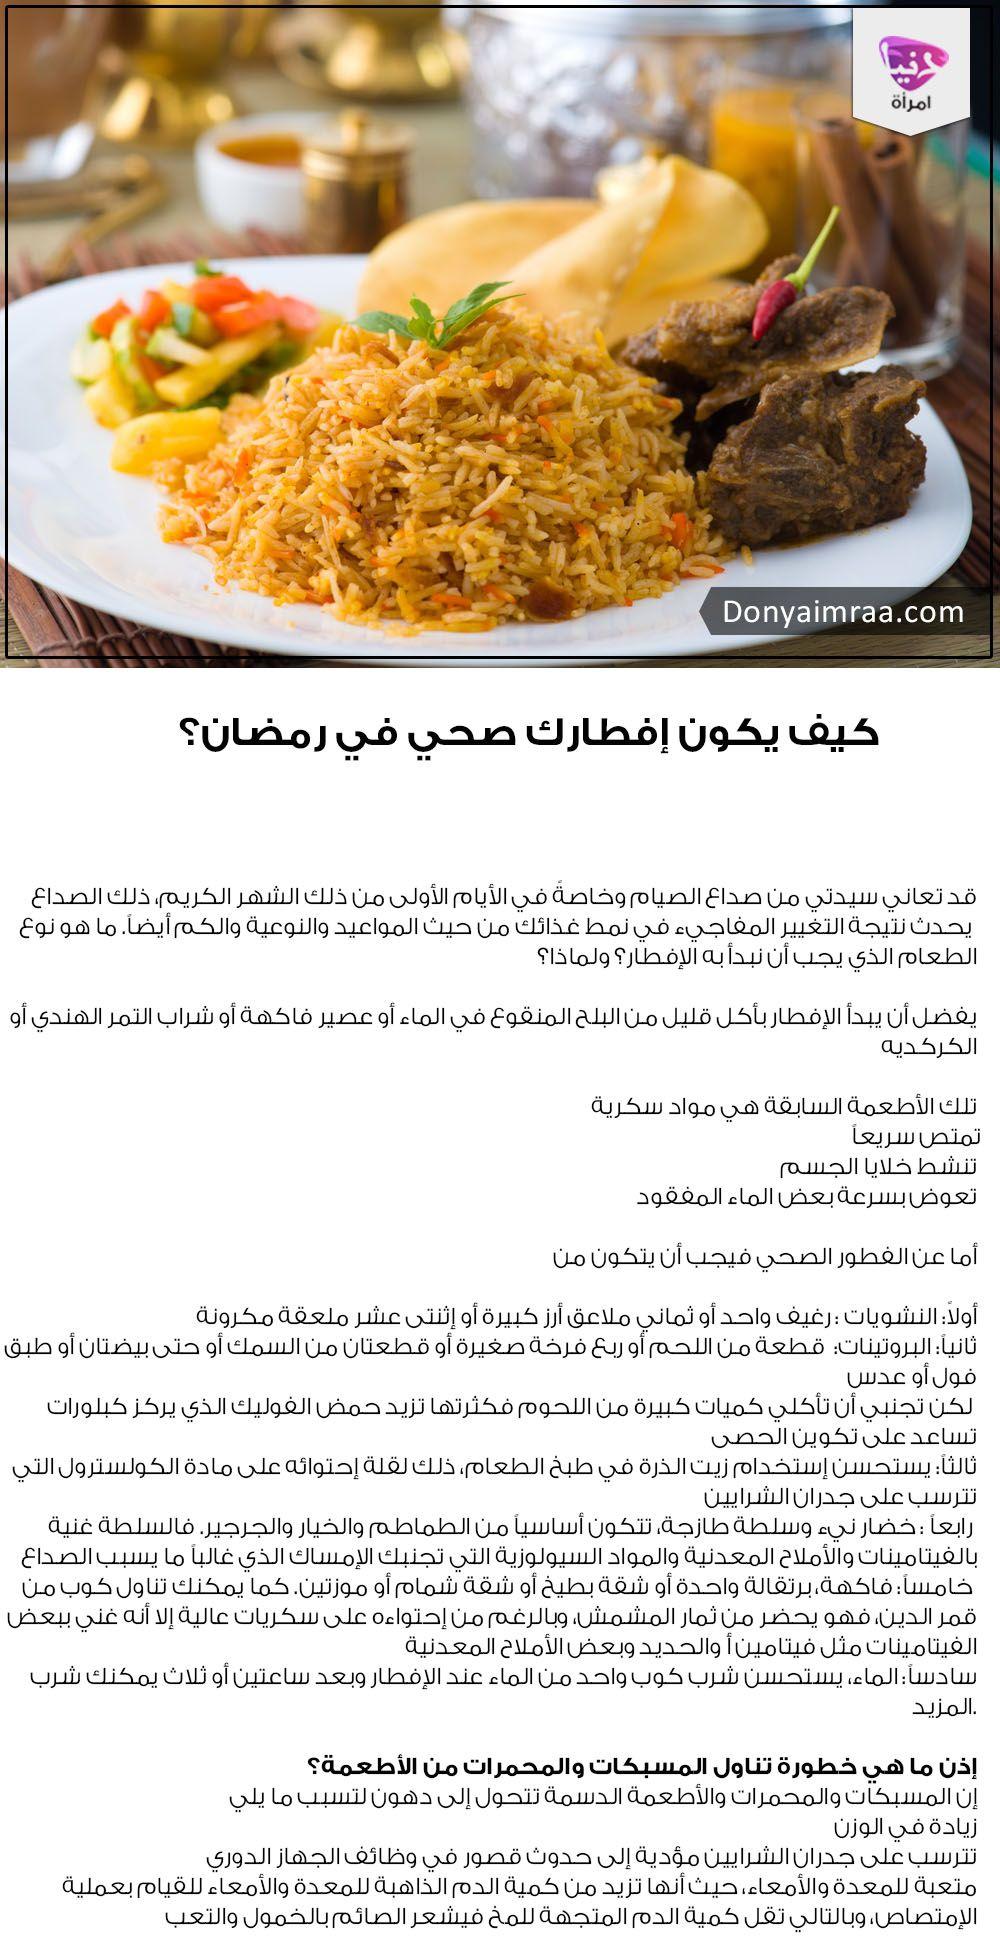 إفطار وجبة الإفطار رمضان شهر رمضان اكلات أكل اكلات سكرية مسبكات محمرات دنيا امرأة كويت كويتيات كويتي دبي الامارات السعودية قطر Kuw Food Meat Beef